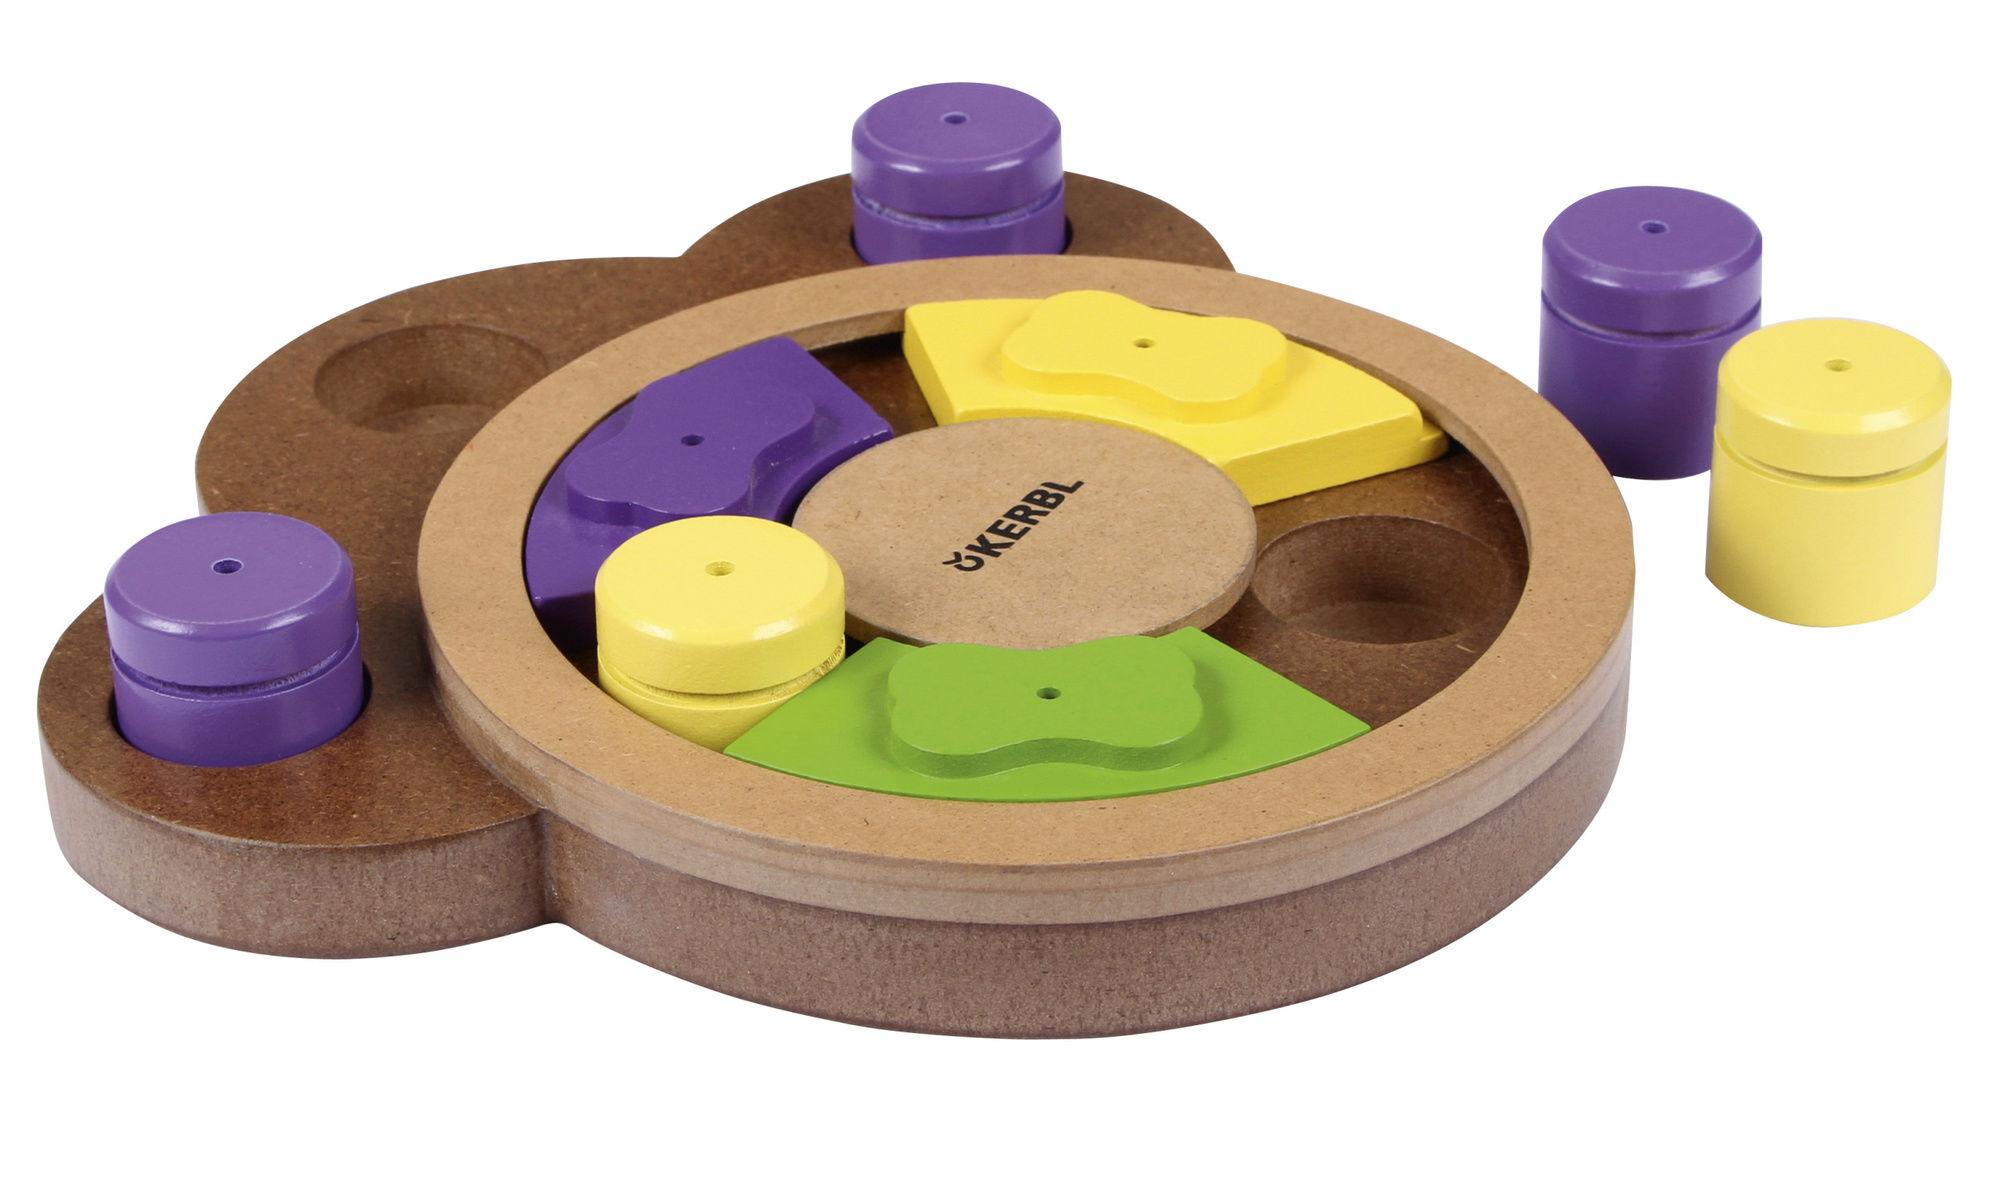 Denk- und Lernspielzeug - PAW 22x23x4cm